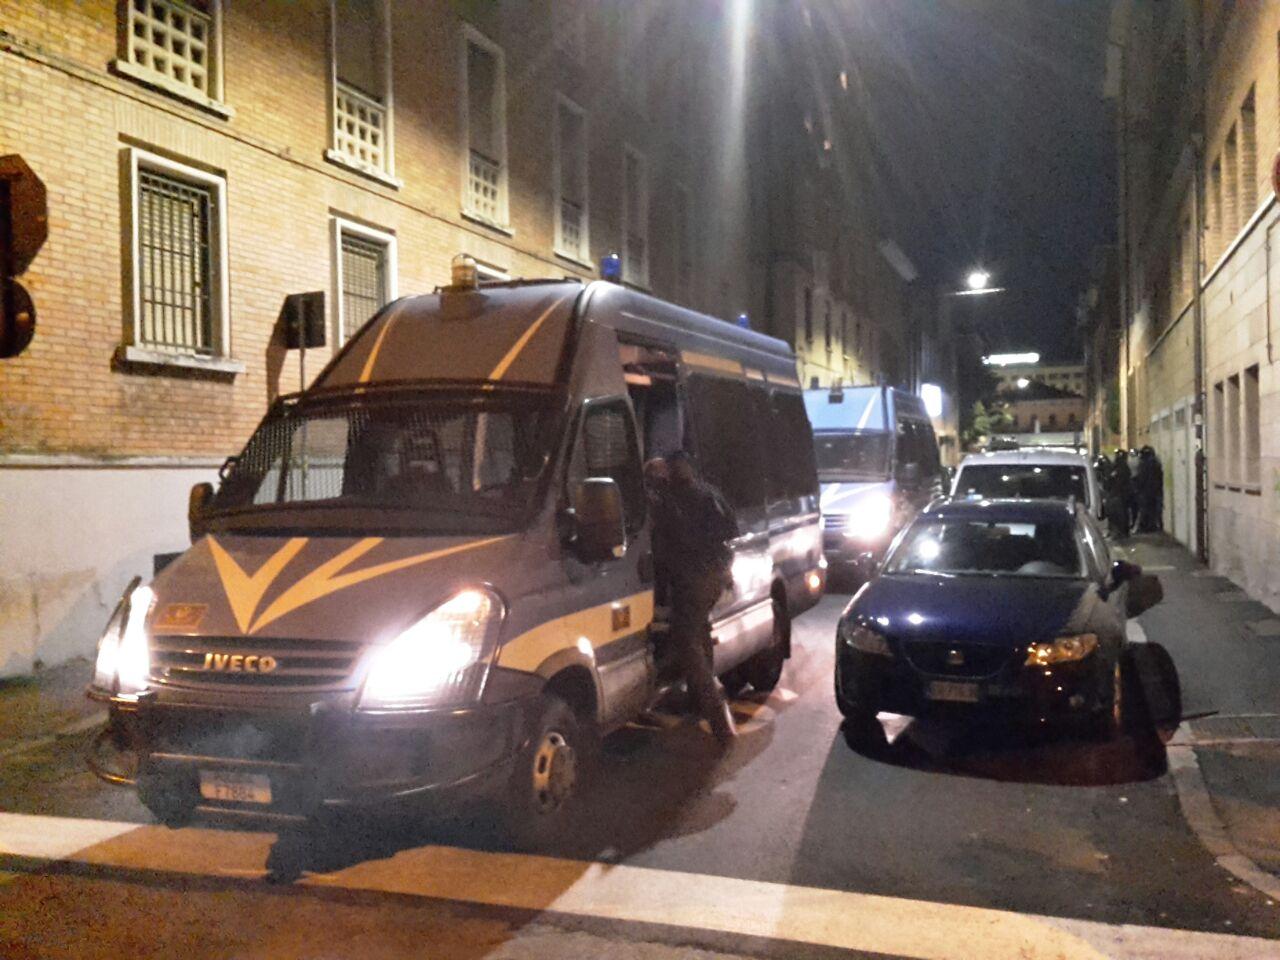 Tafferugli durante lo sgombero di un palazzo occupato a Bologna